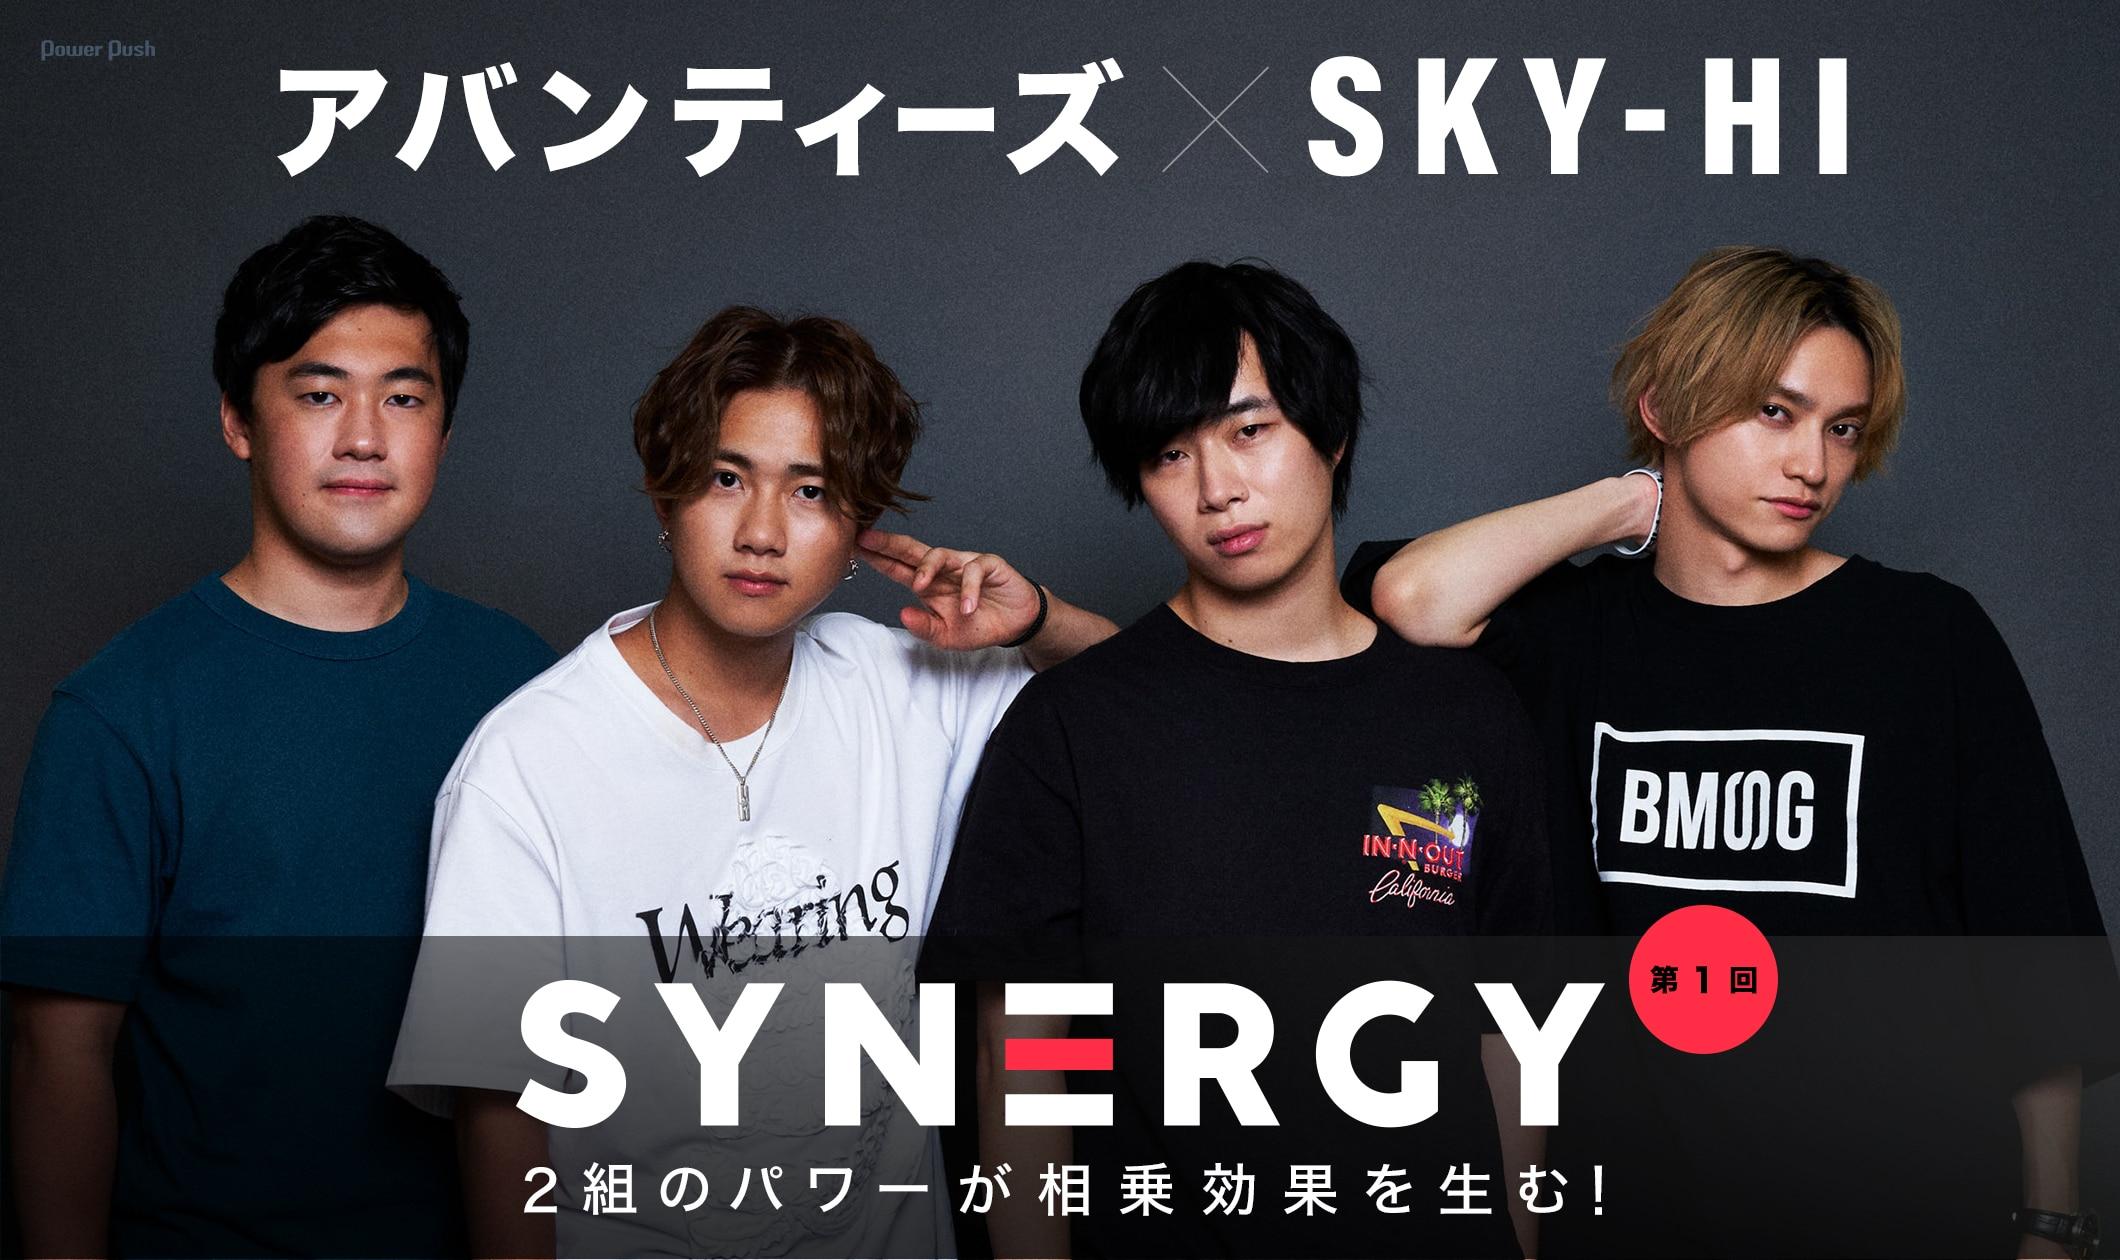 アバンティーズ×SKY-HI|2組のパワーが相乗効果を生む!「SYNERGY」第1回